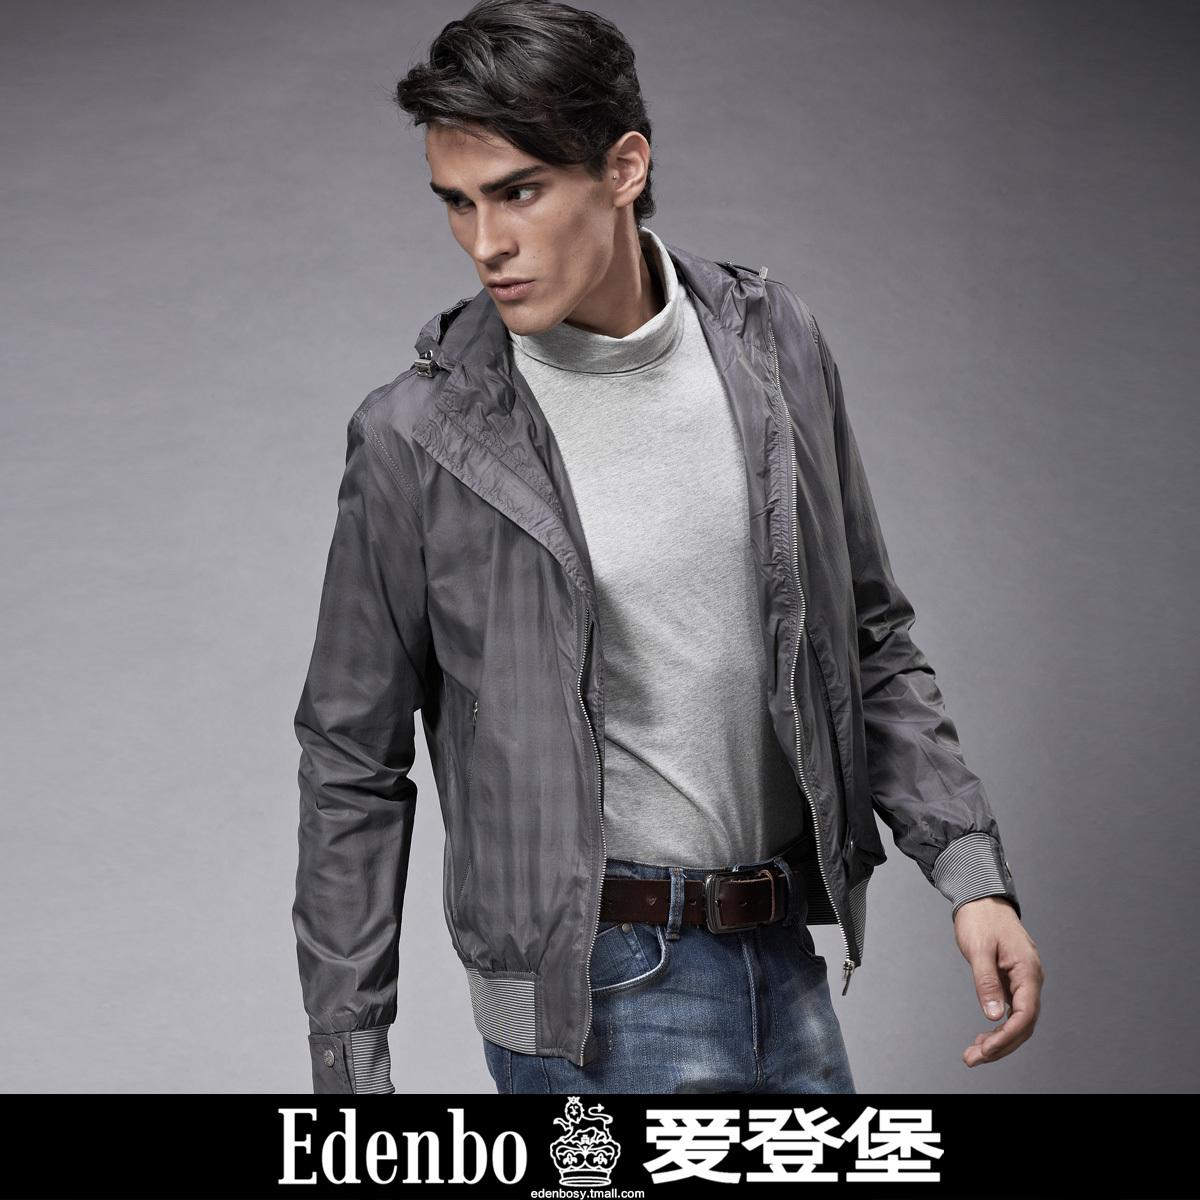 爱登堡 男装 正品 秋装薄款休闲修身风格男士单夹克 15cemhec005